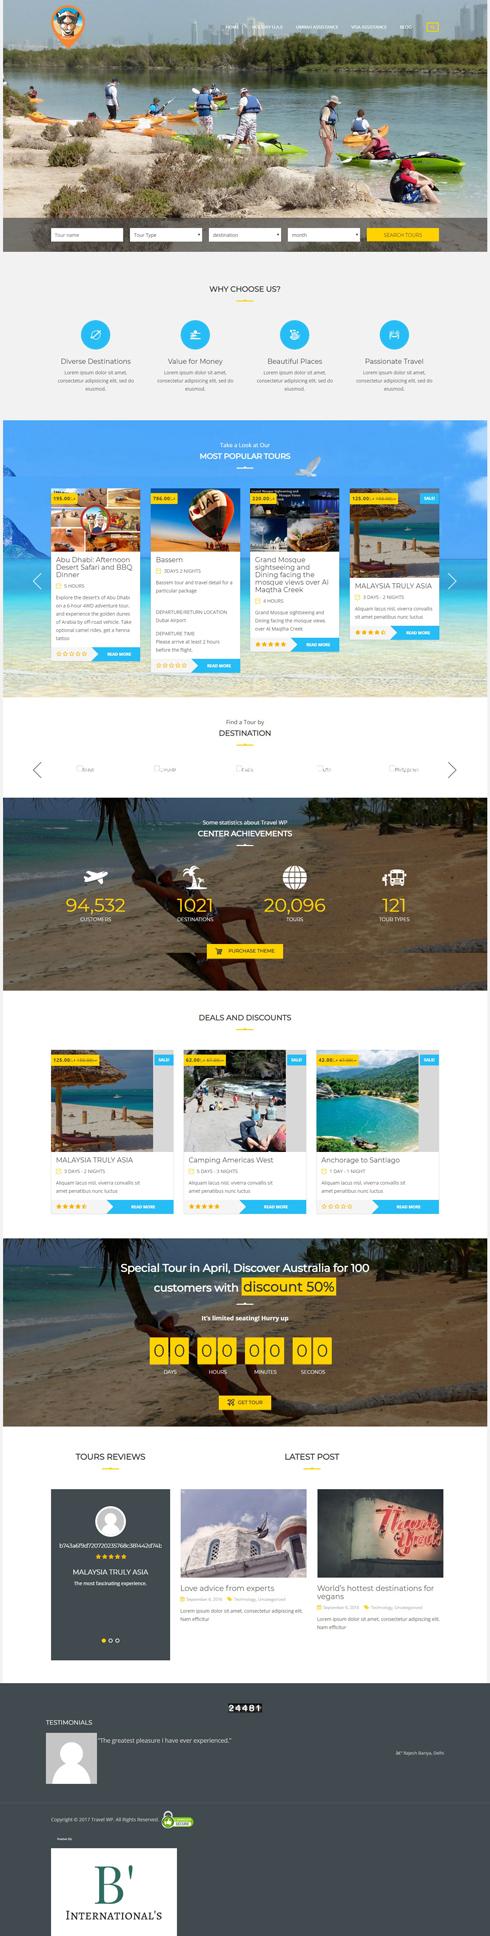 Holiday Camel United Arab Emirates Web Design